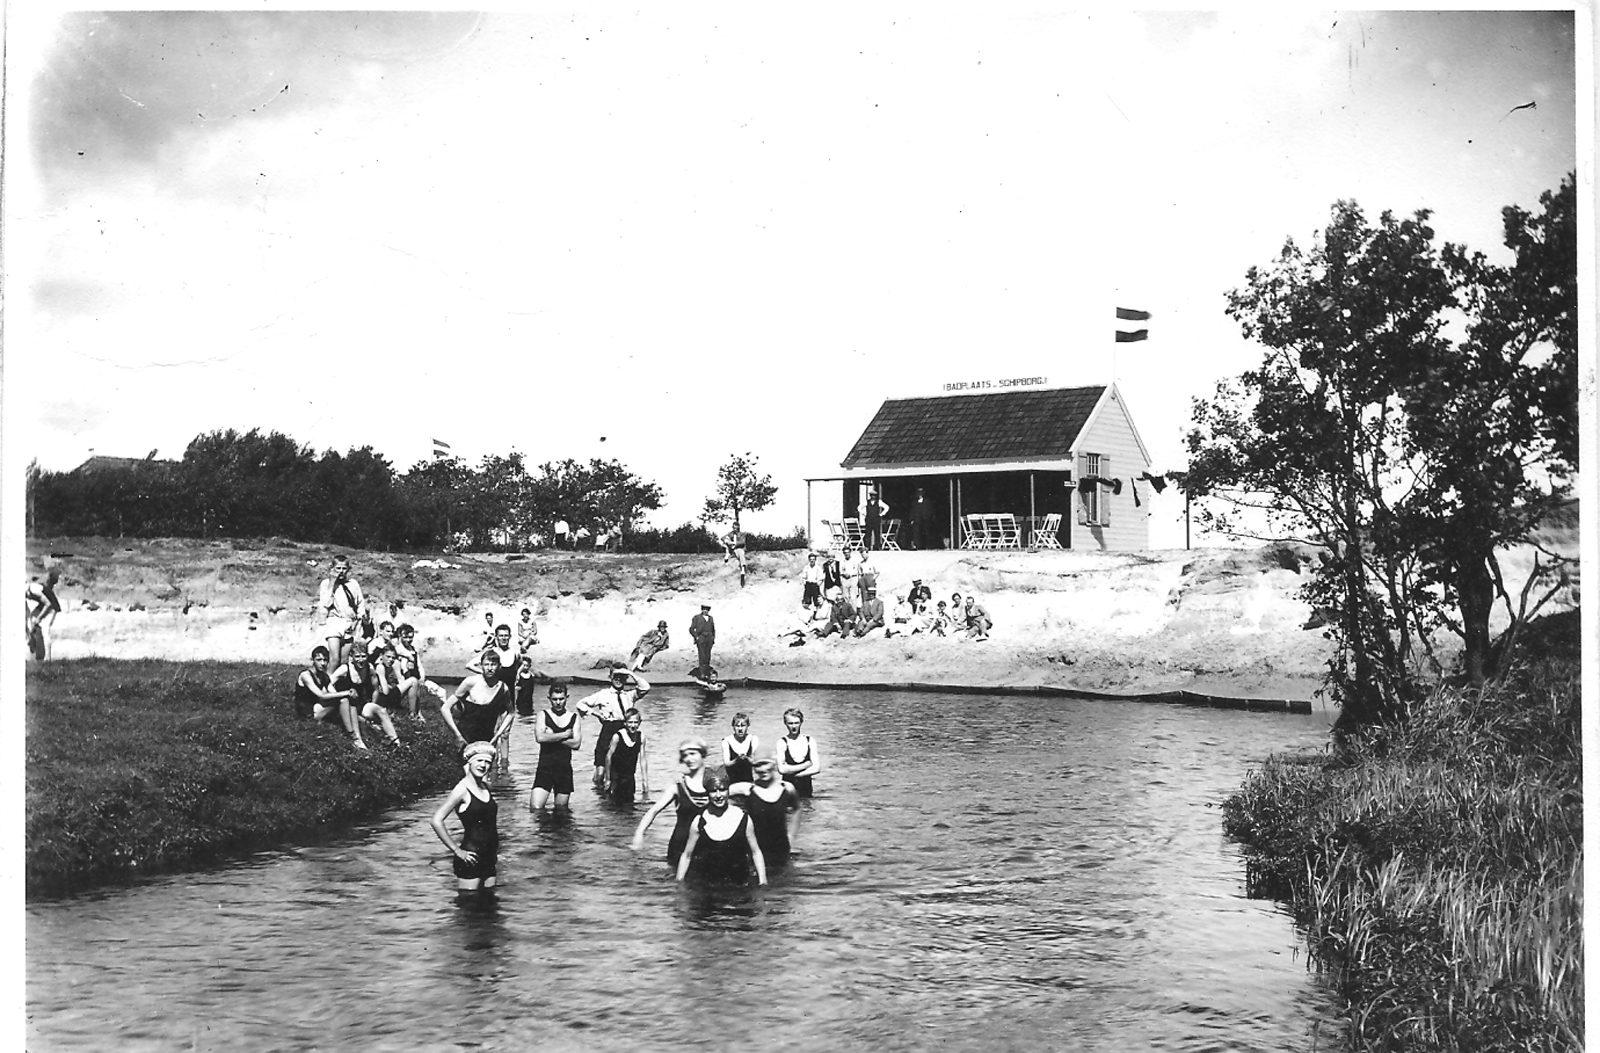 Zwembad rond 1930 de mannen waren verplicht om een badpak te dragen Schipborg Músarrindill